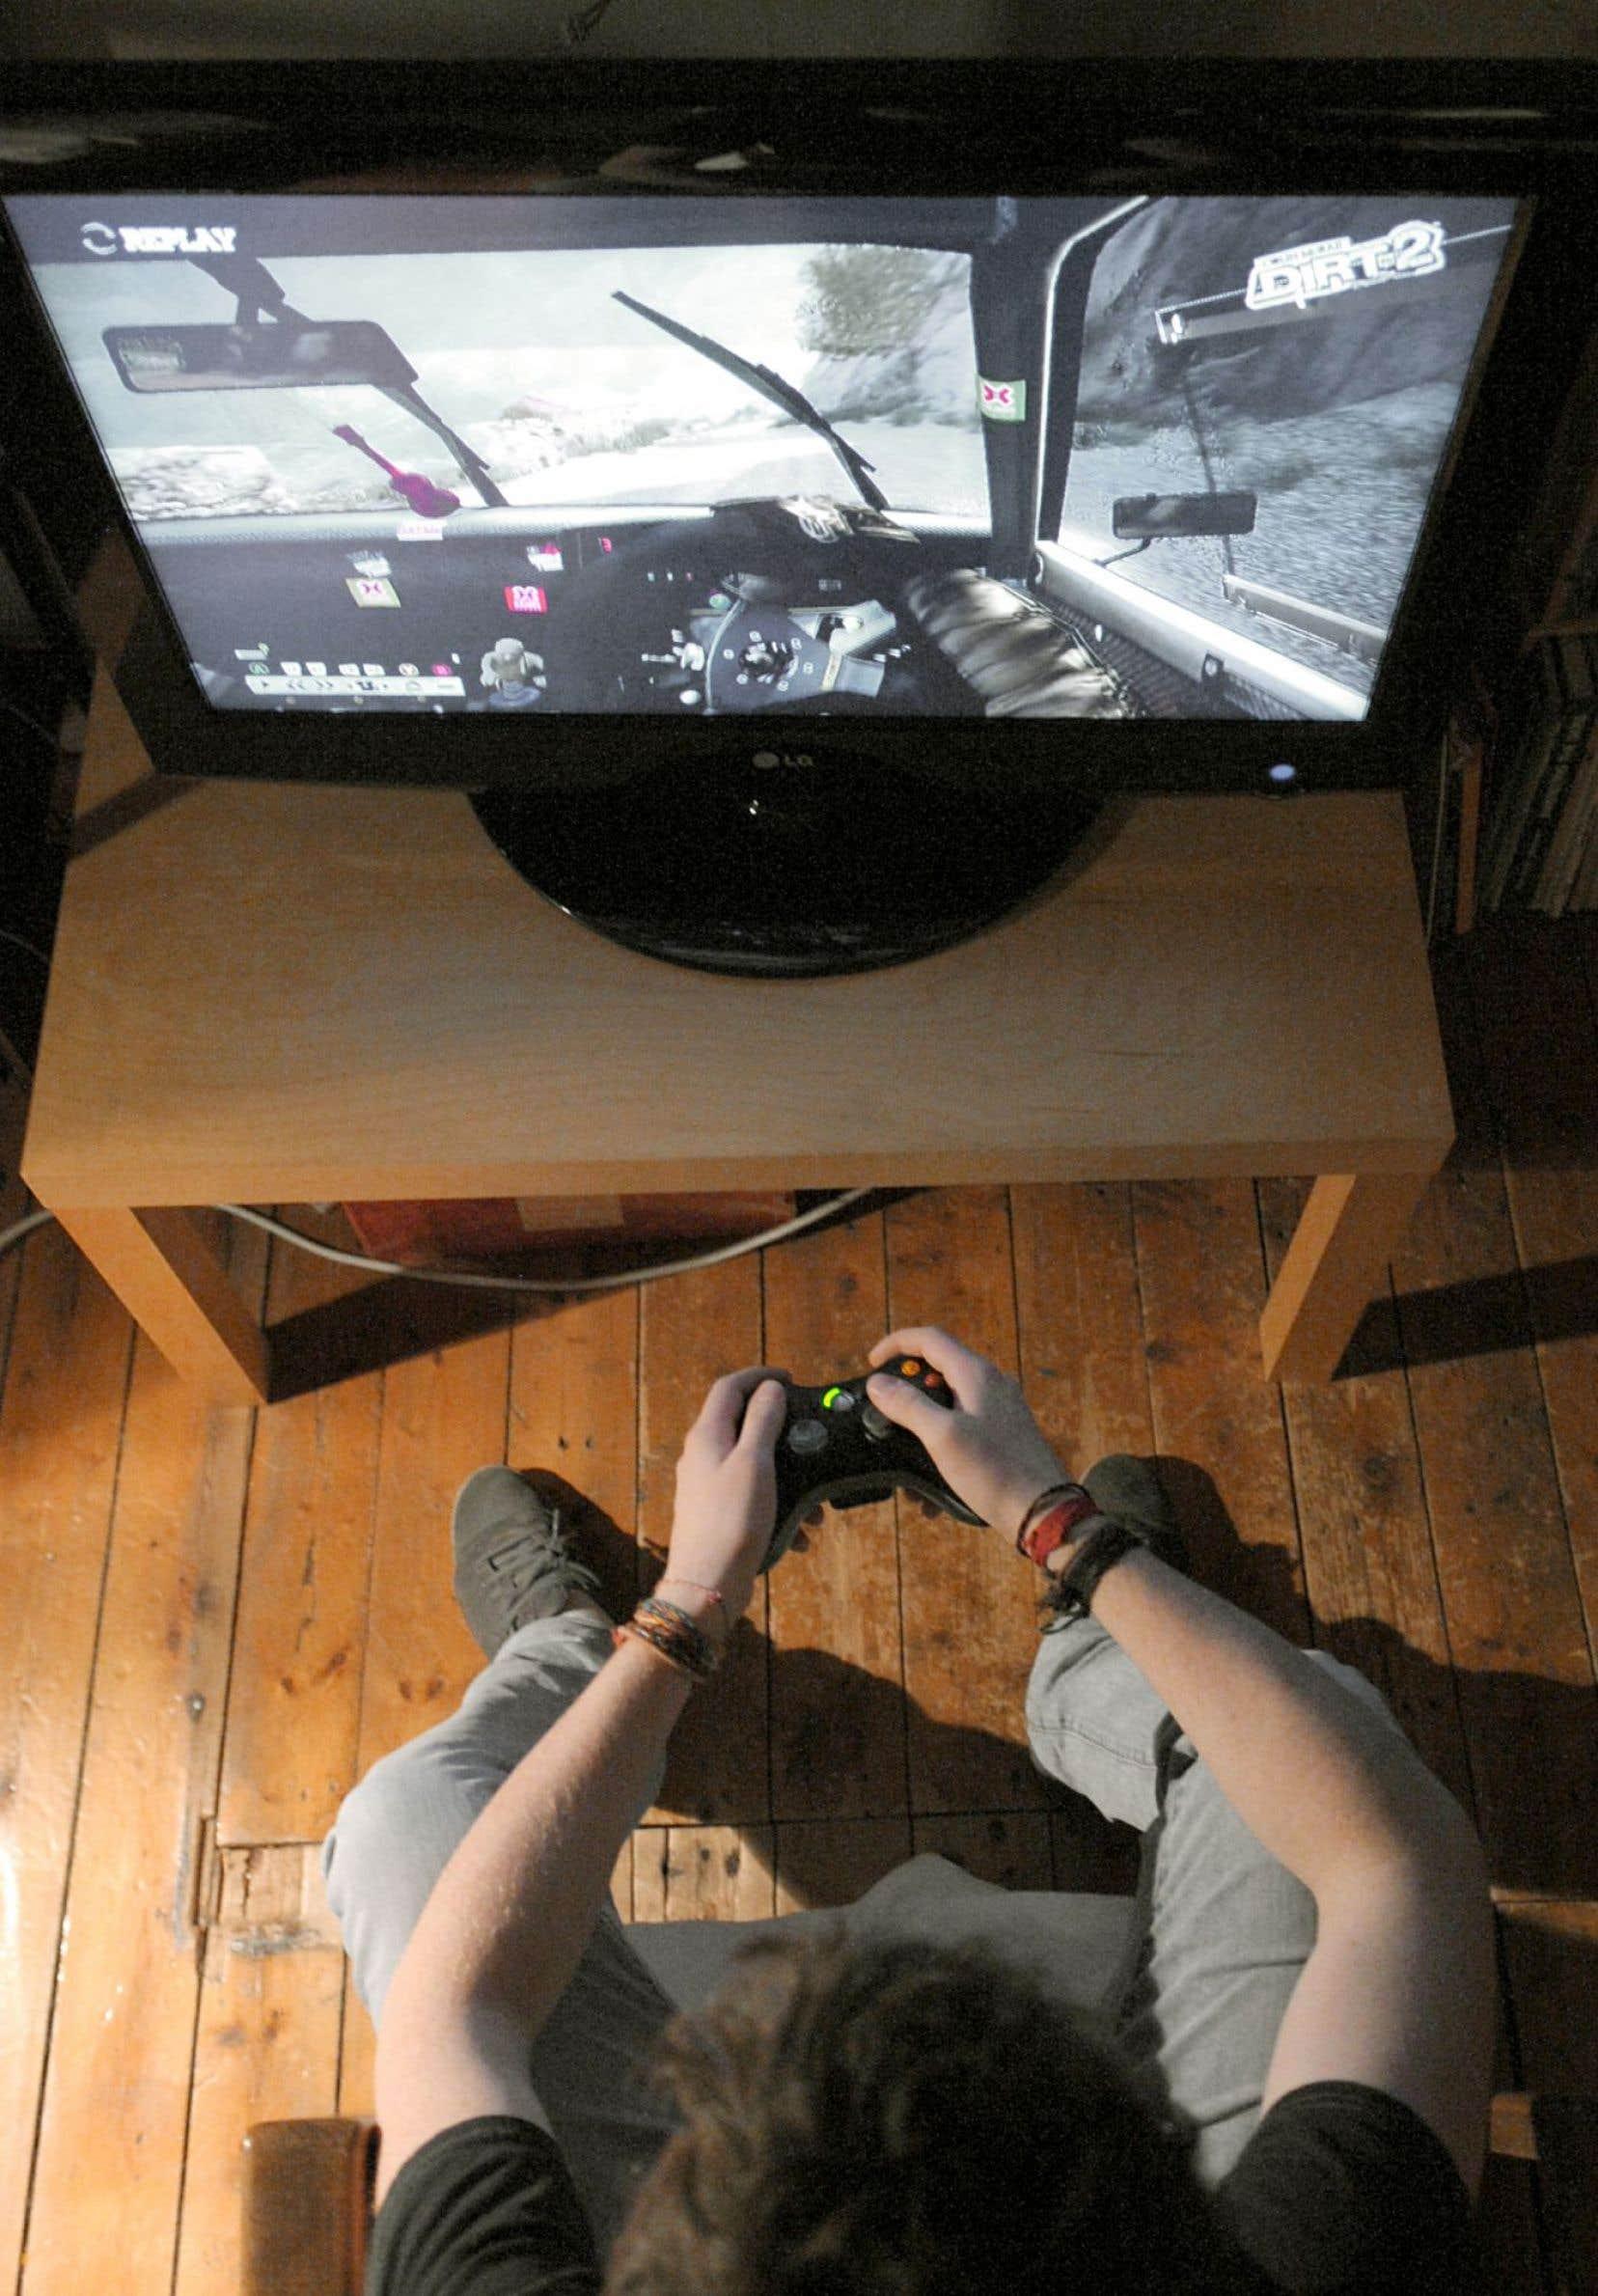 Autant la dépendance aux jeux vidéo que celles au sexe, aux drogues, à l'alcool, au tabac, au poker, à la course à pied, voire au travail impliquent une hyperactivité du circuit de la récompense.